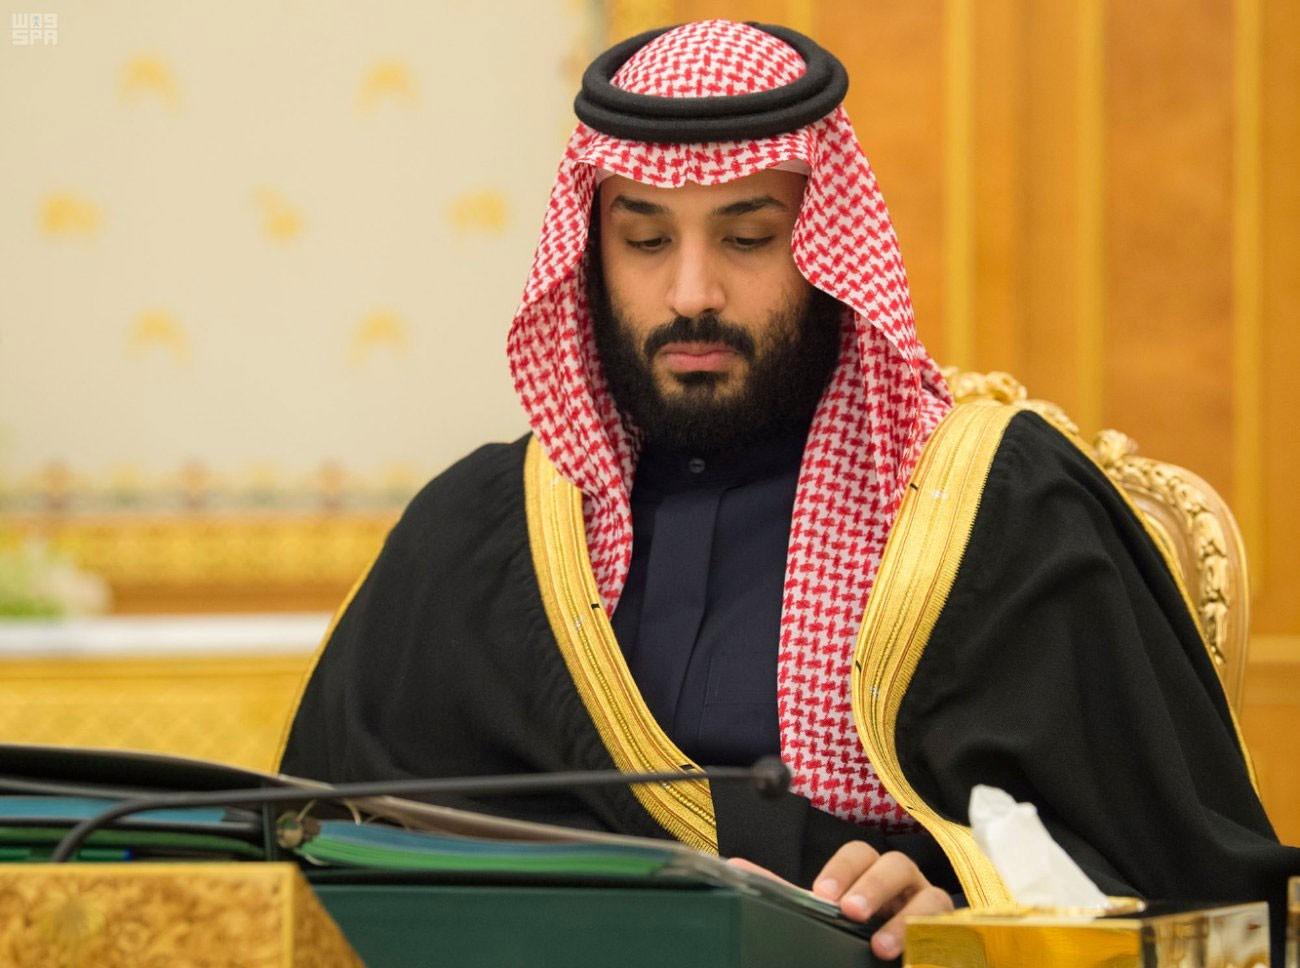 Arábia Saudita permitirá abertura de cinemas em 2018